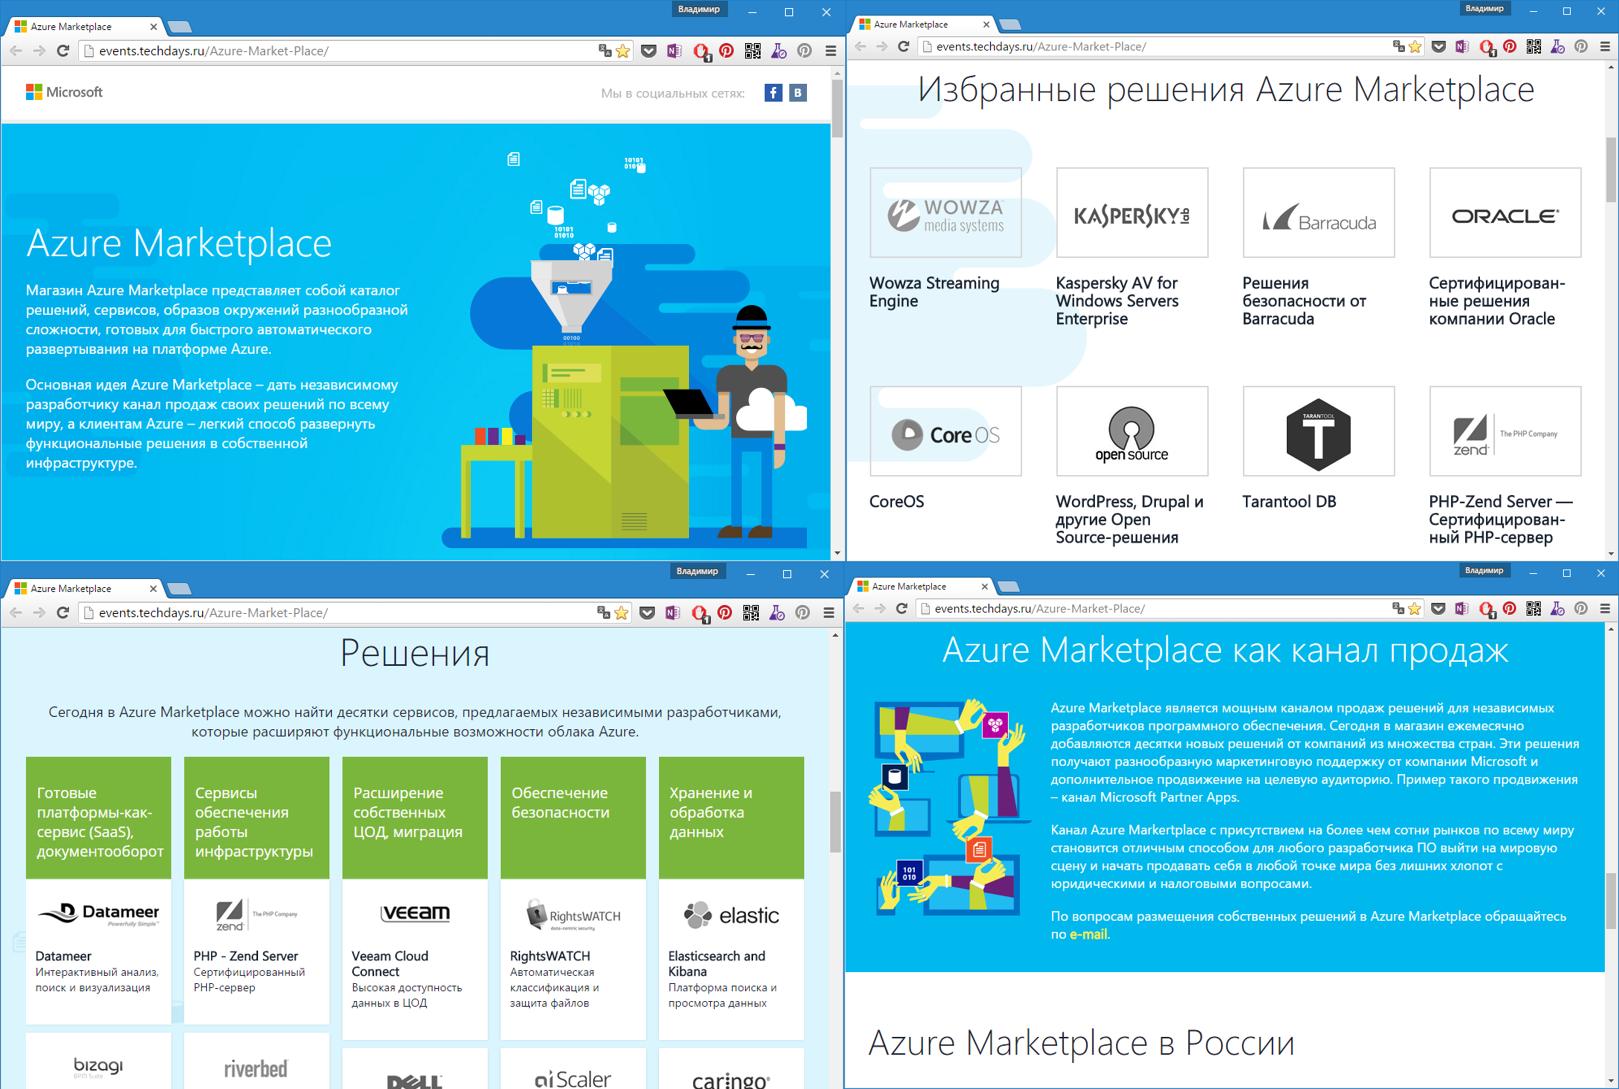 Анонс русскоязычного каталога решений независимых разработчиков сертифицированных для Microsoft Azure - 1